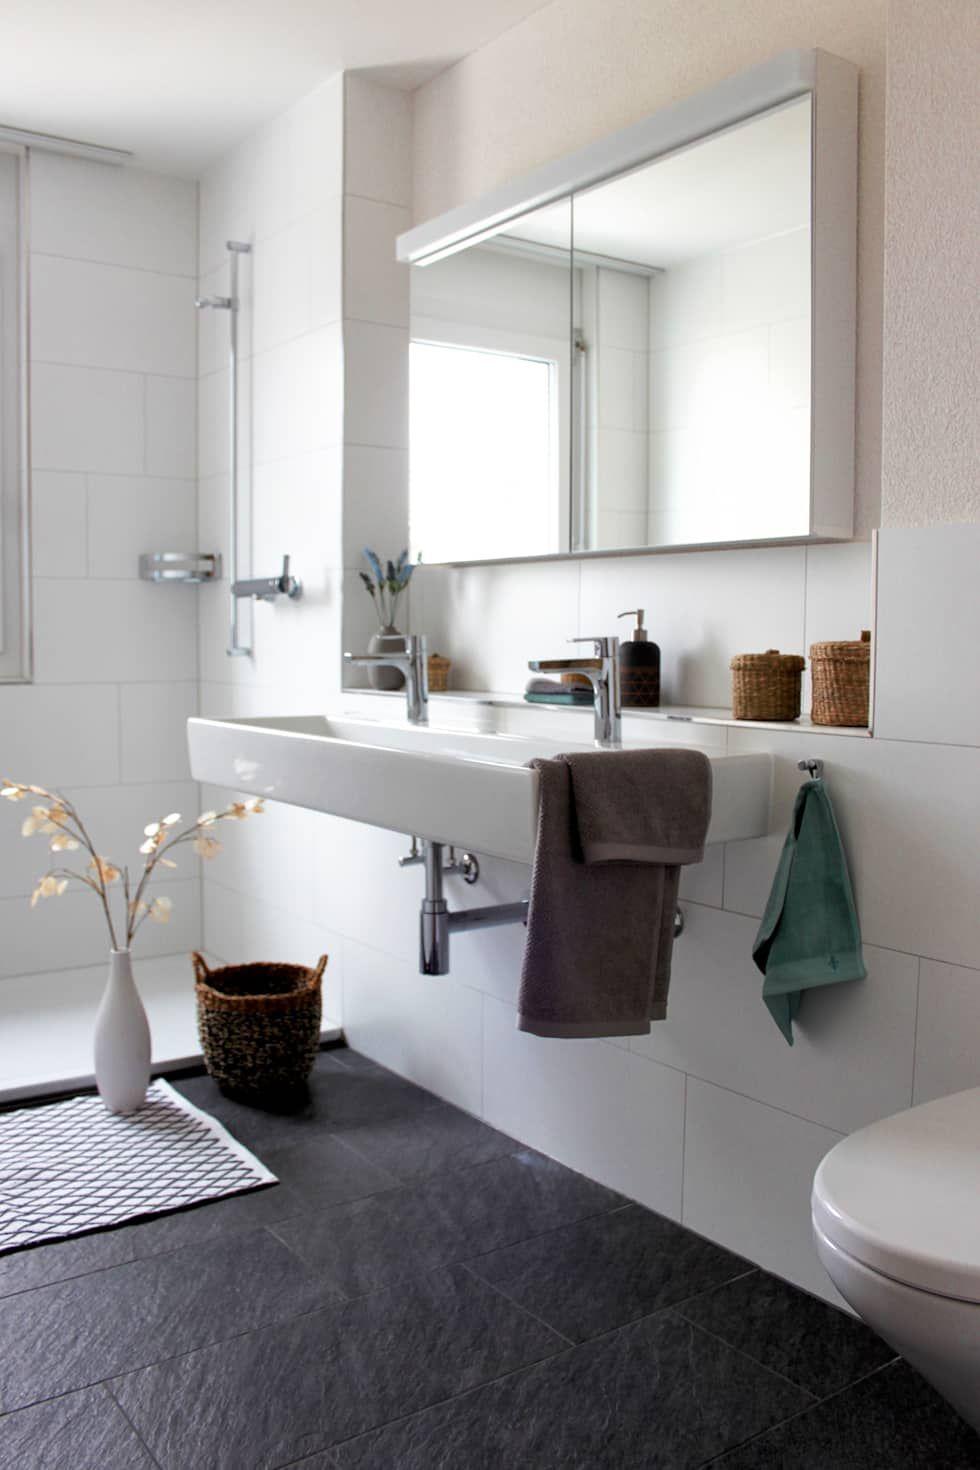 Badezimmer Skandinavische Badezimmer Von Home Staging Nordisch Skandinavisch Homify Skandinavisches Badezimmer Home Staging Badezimmer